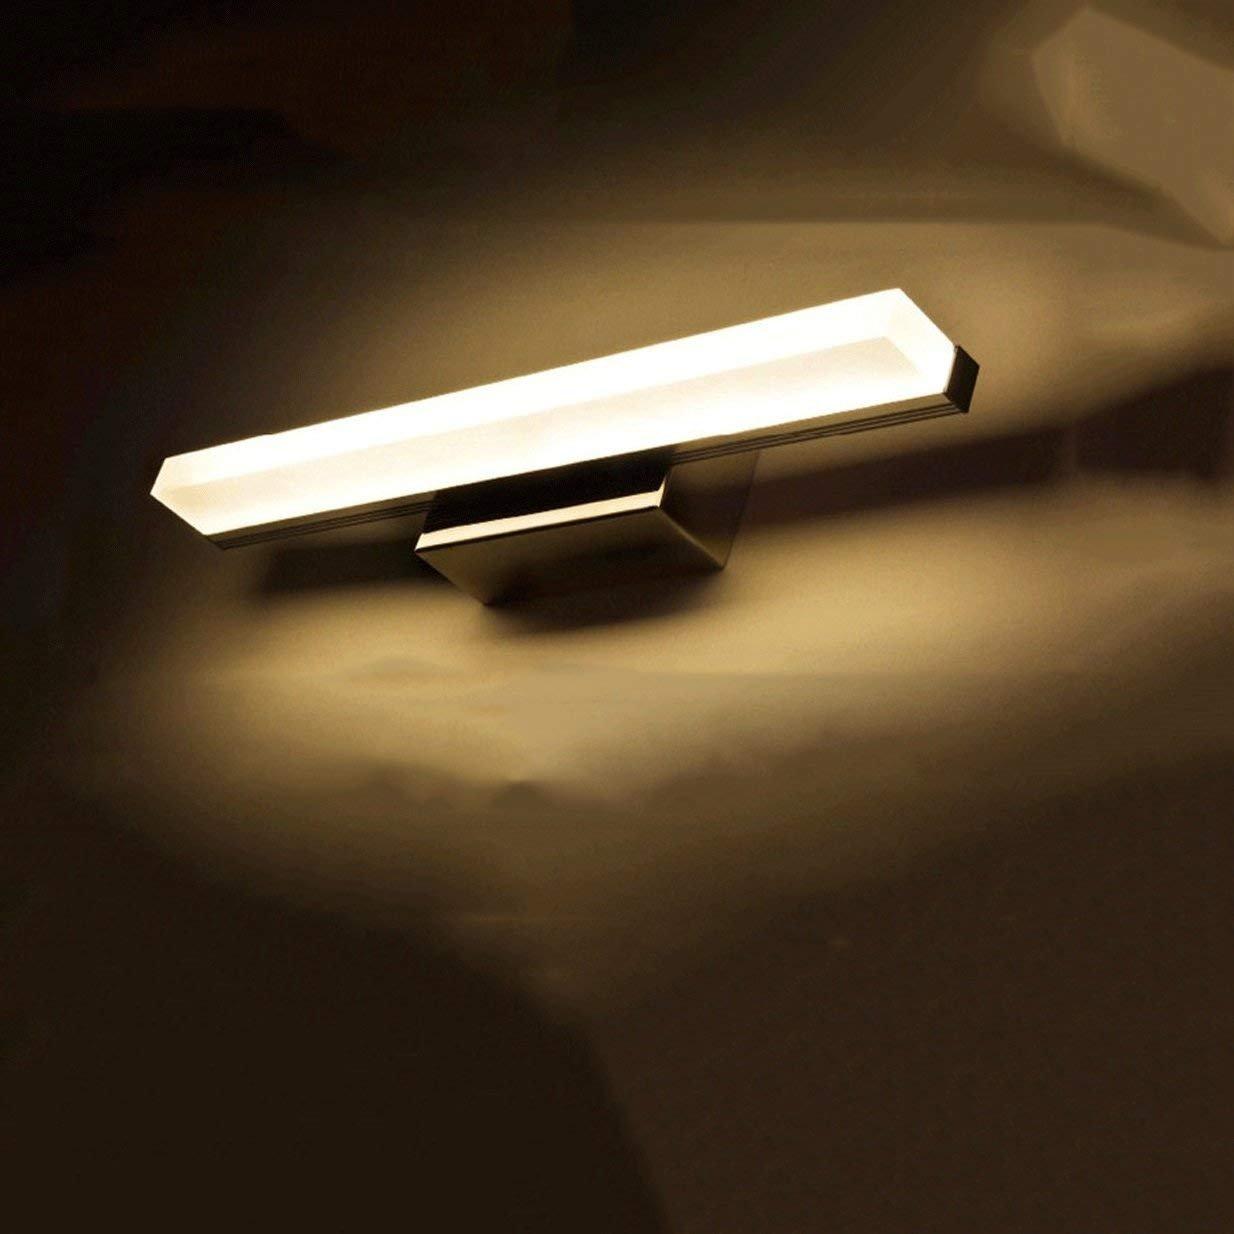 JBP Max Spiegelleuchte Badezimmerleuchte Spiegel Frontleuchte LED Spiegelleuchte Badezimmer Edelstahl Schminkspiegel Wandleuchte - JBP7,Weißlight,9W 60CM